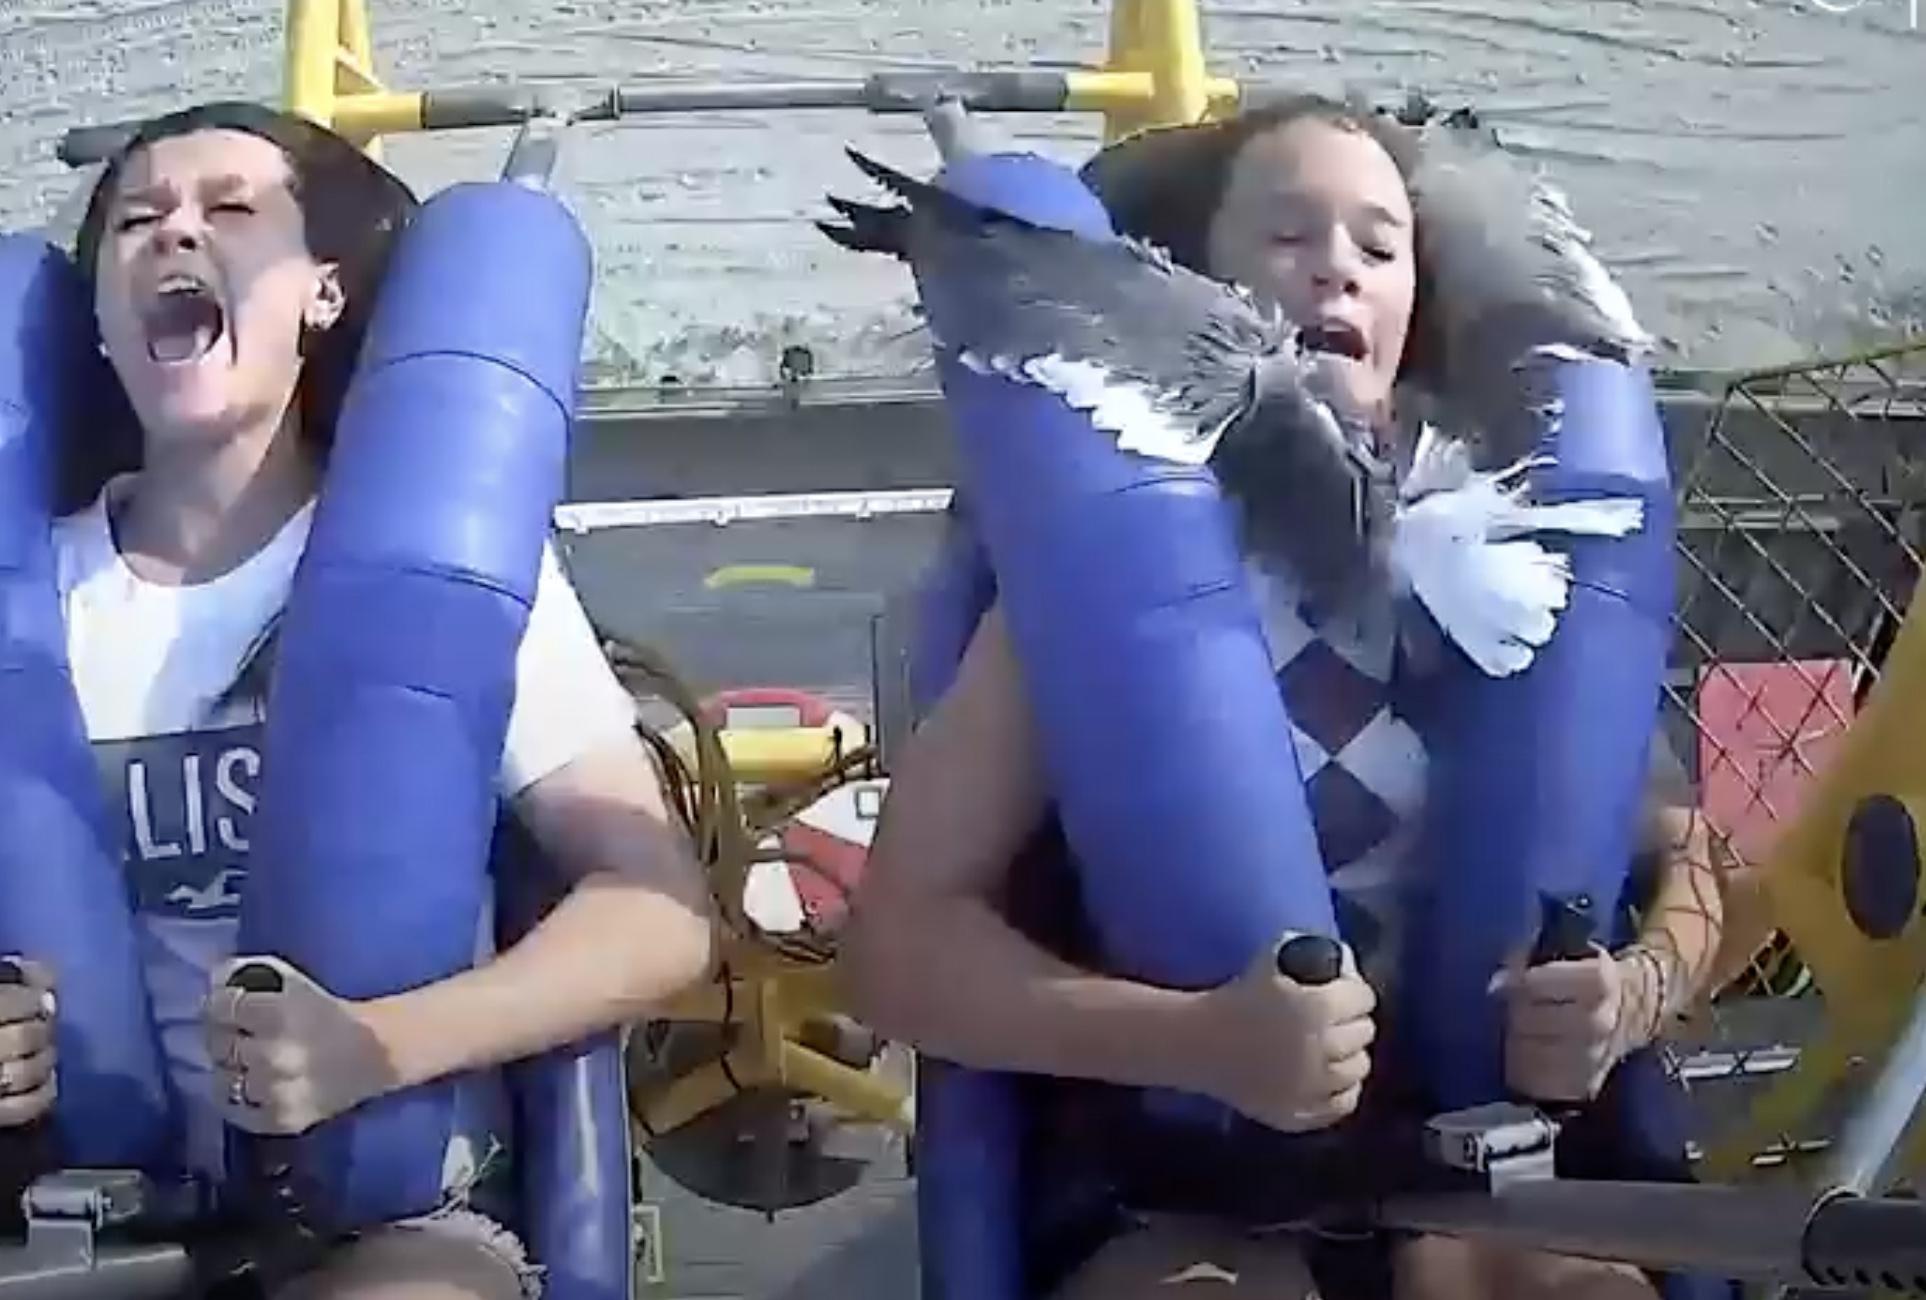 Γλάρος χαστουκίζει έφηβη στο λούνα παρκ